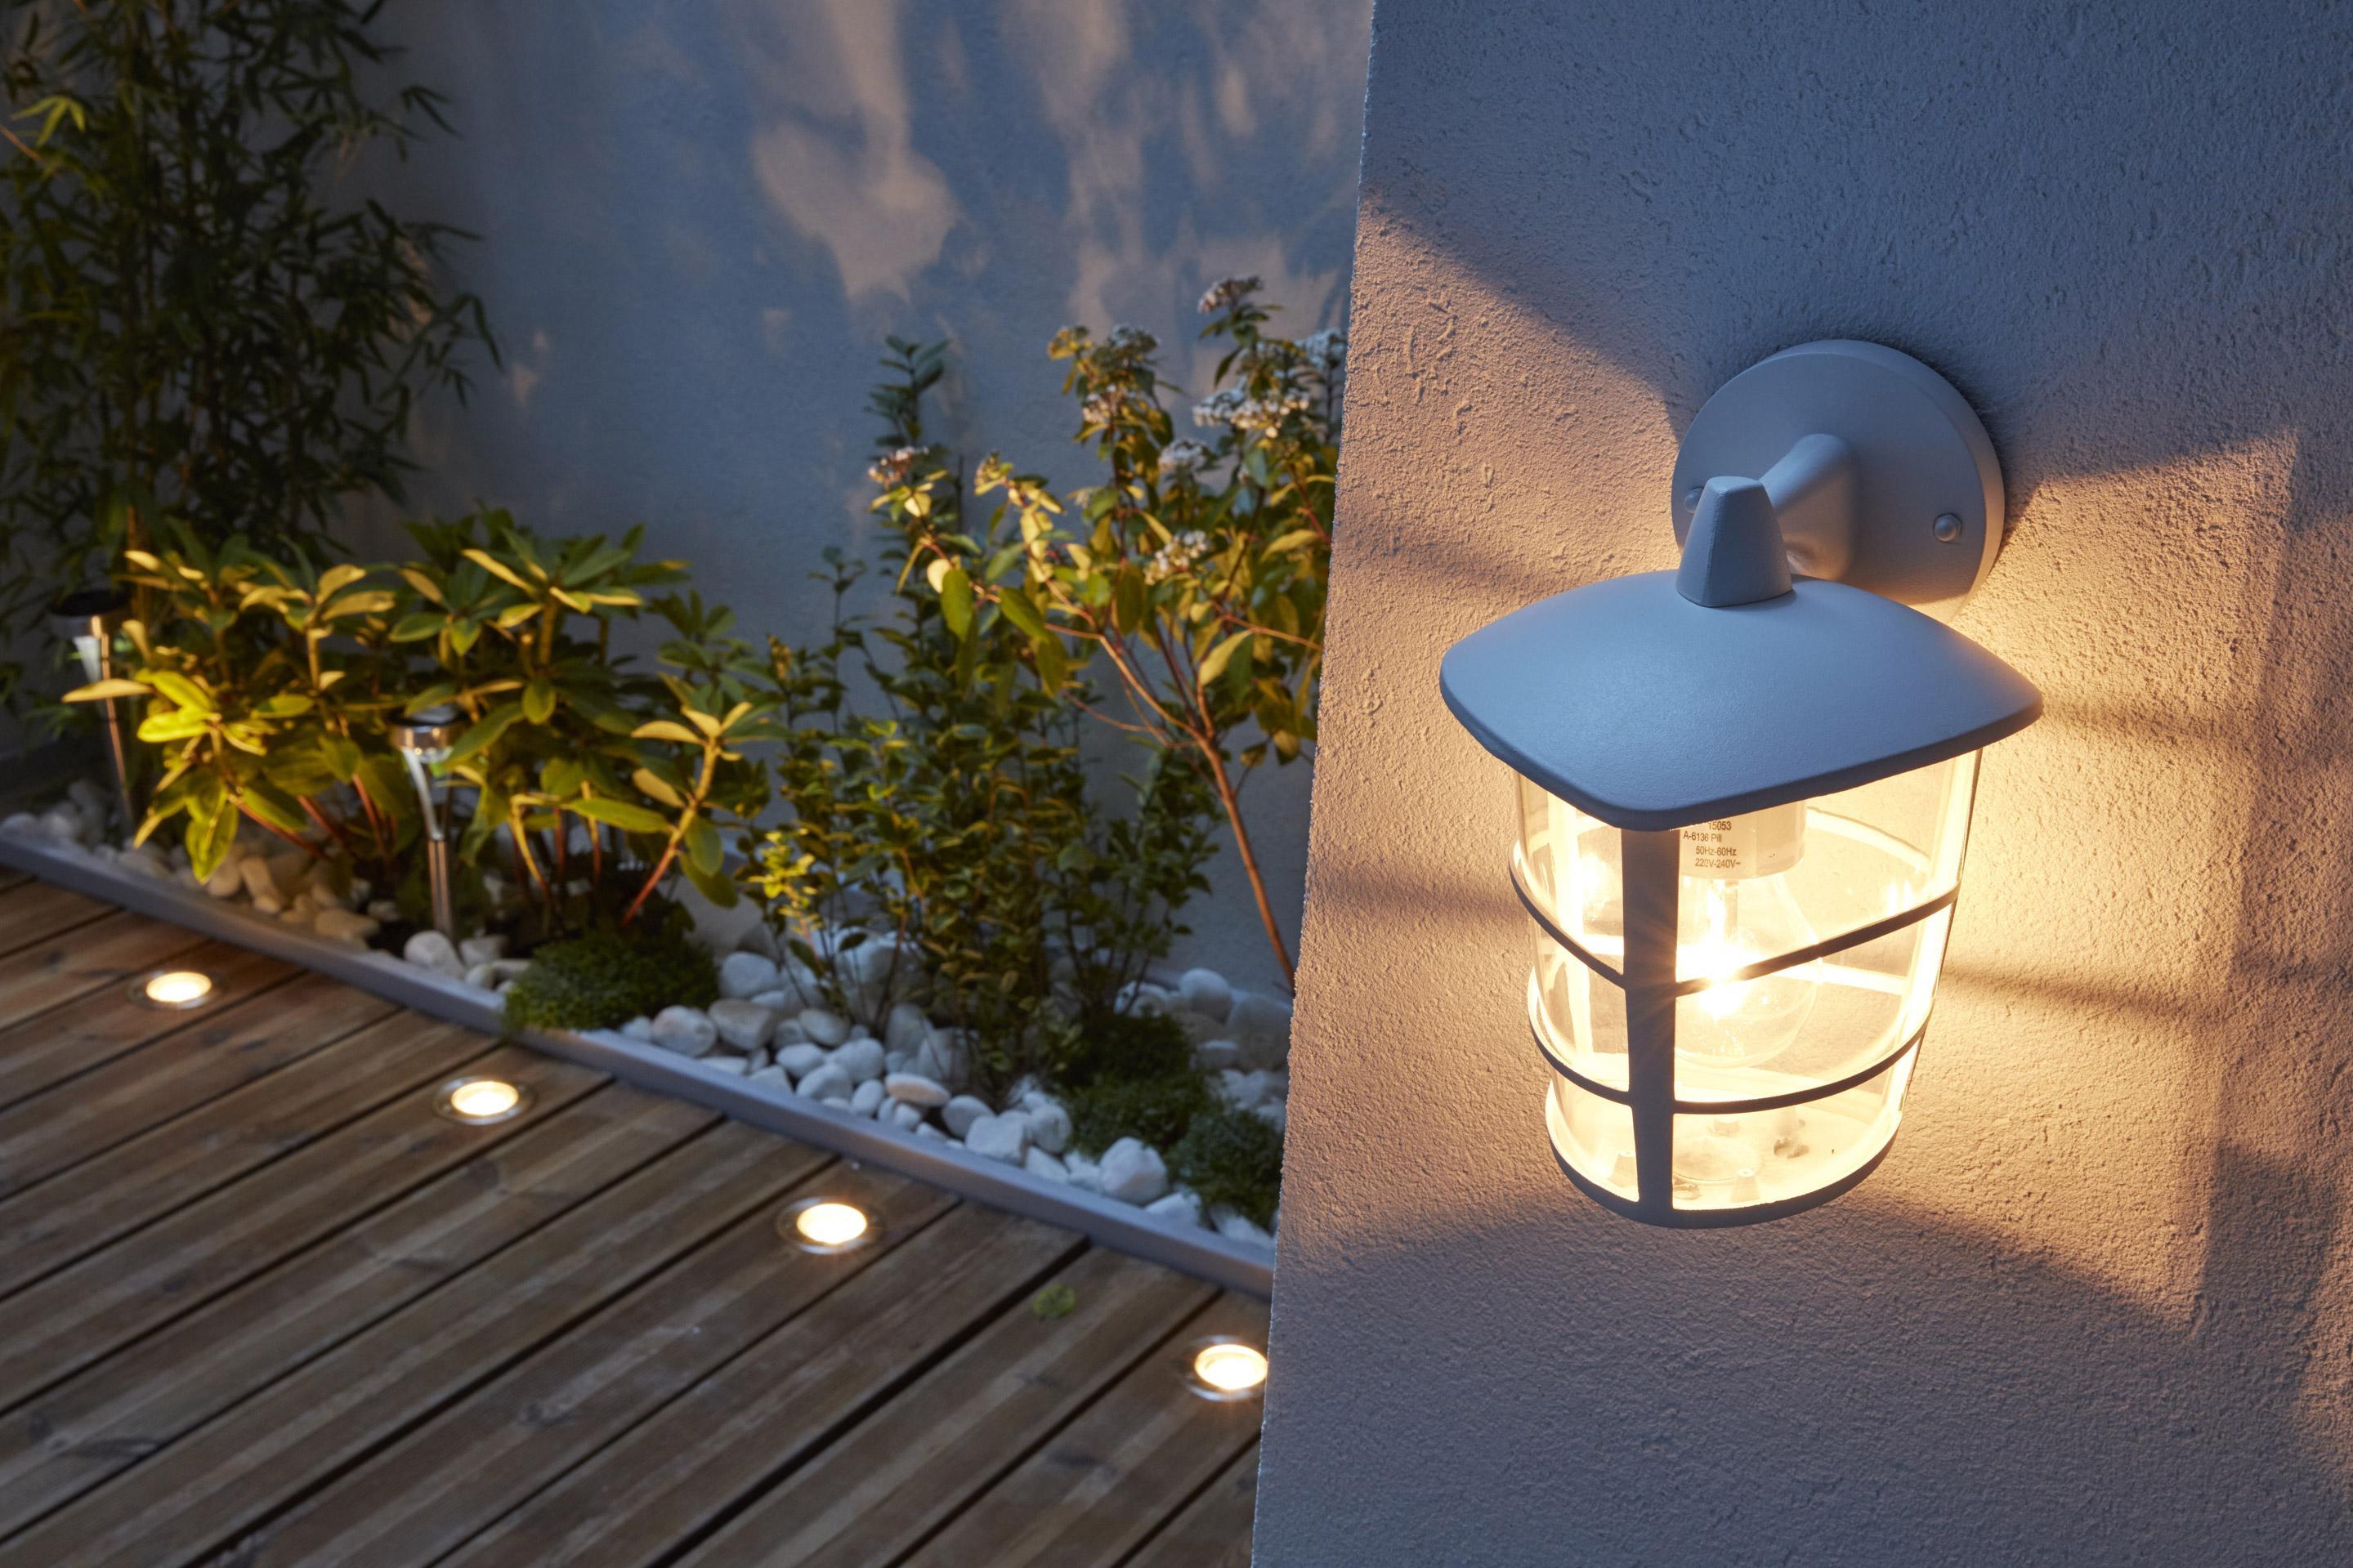 Pendelleuchte laterne lampe applique ethnic chic vintage östlichen